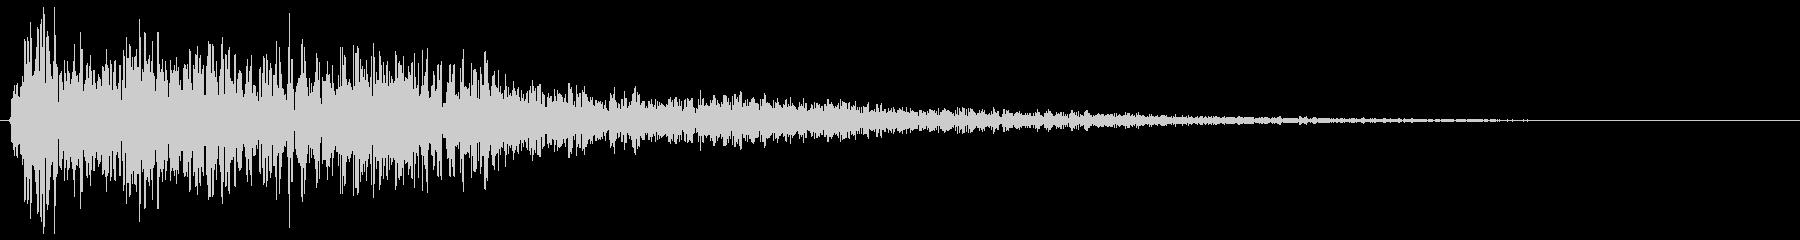 モワン(魔物の出現を予感させる音)の未再生の波形